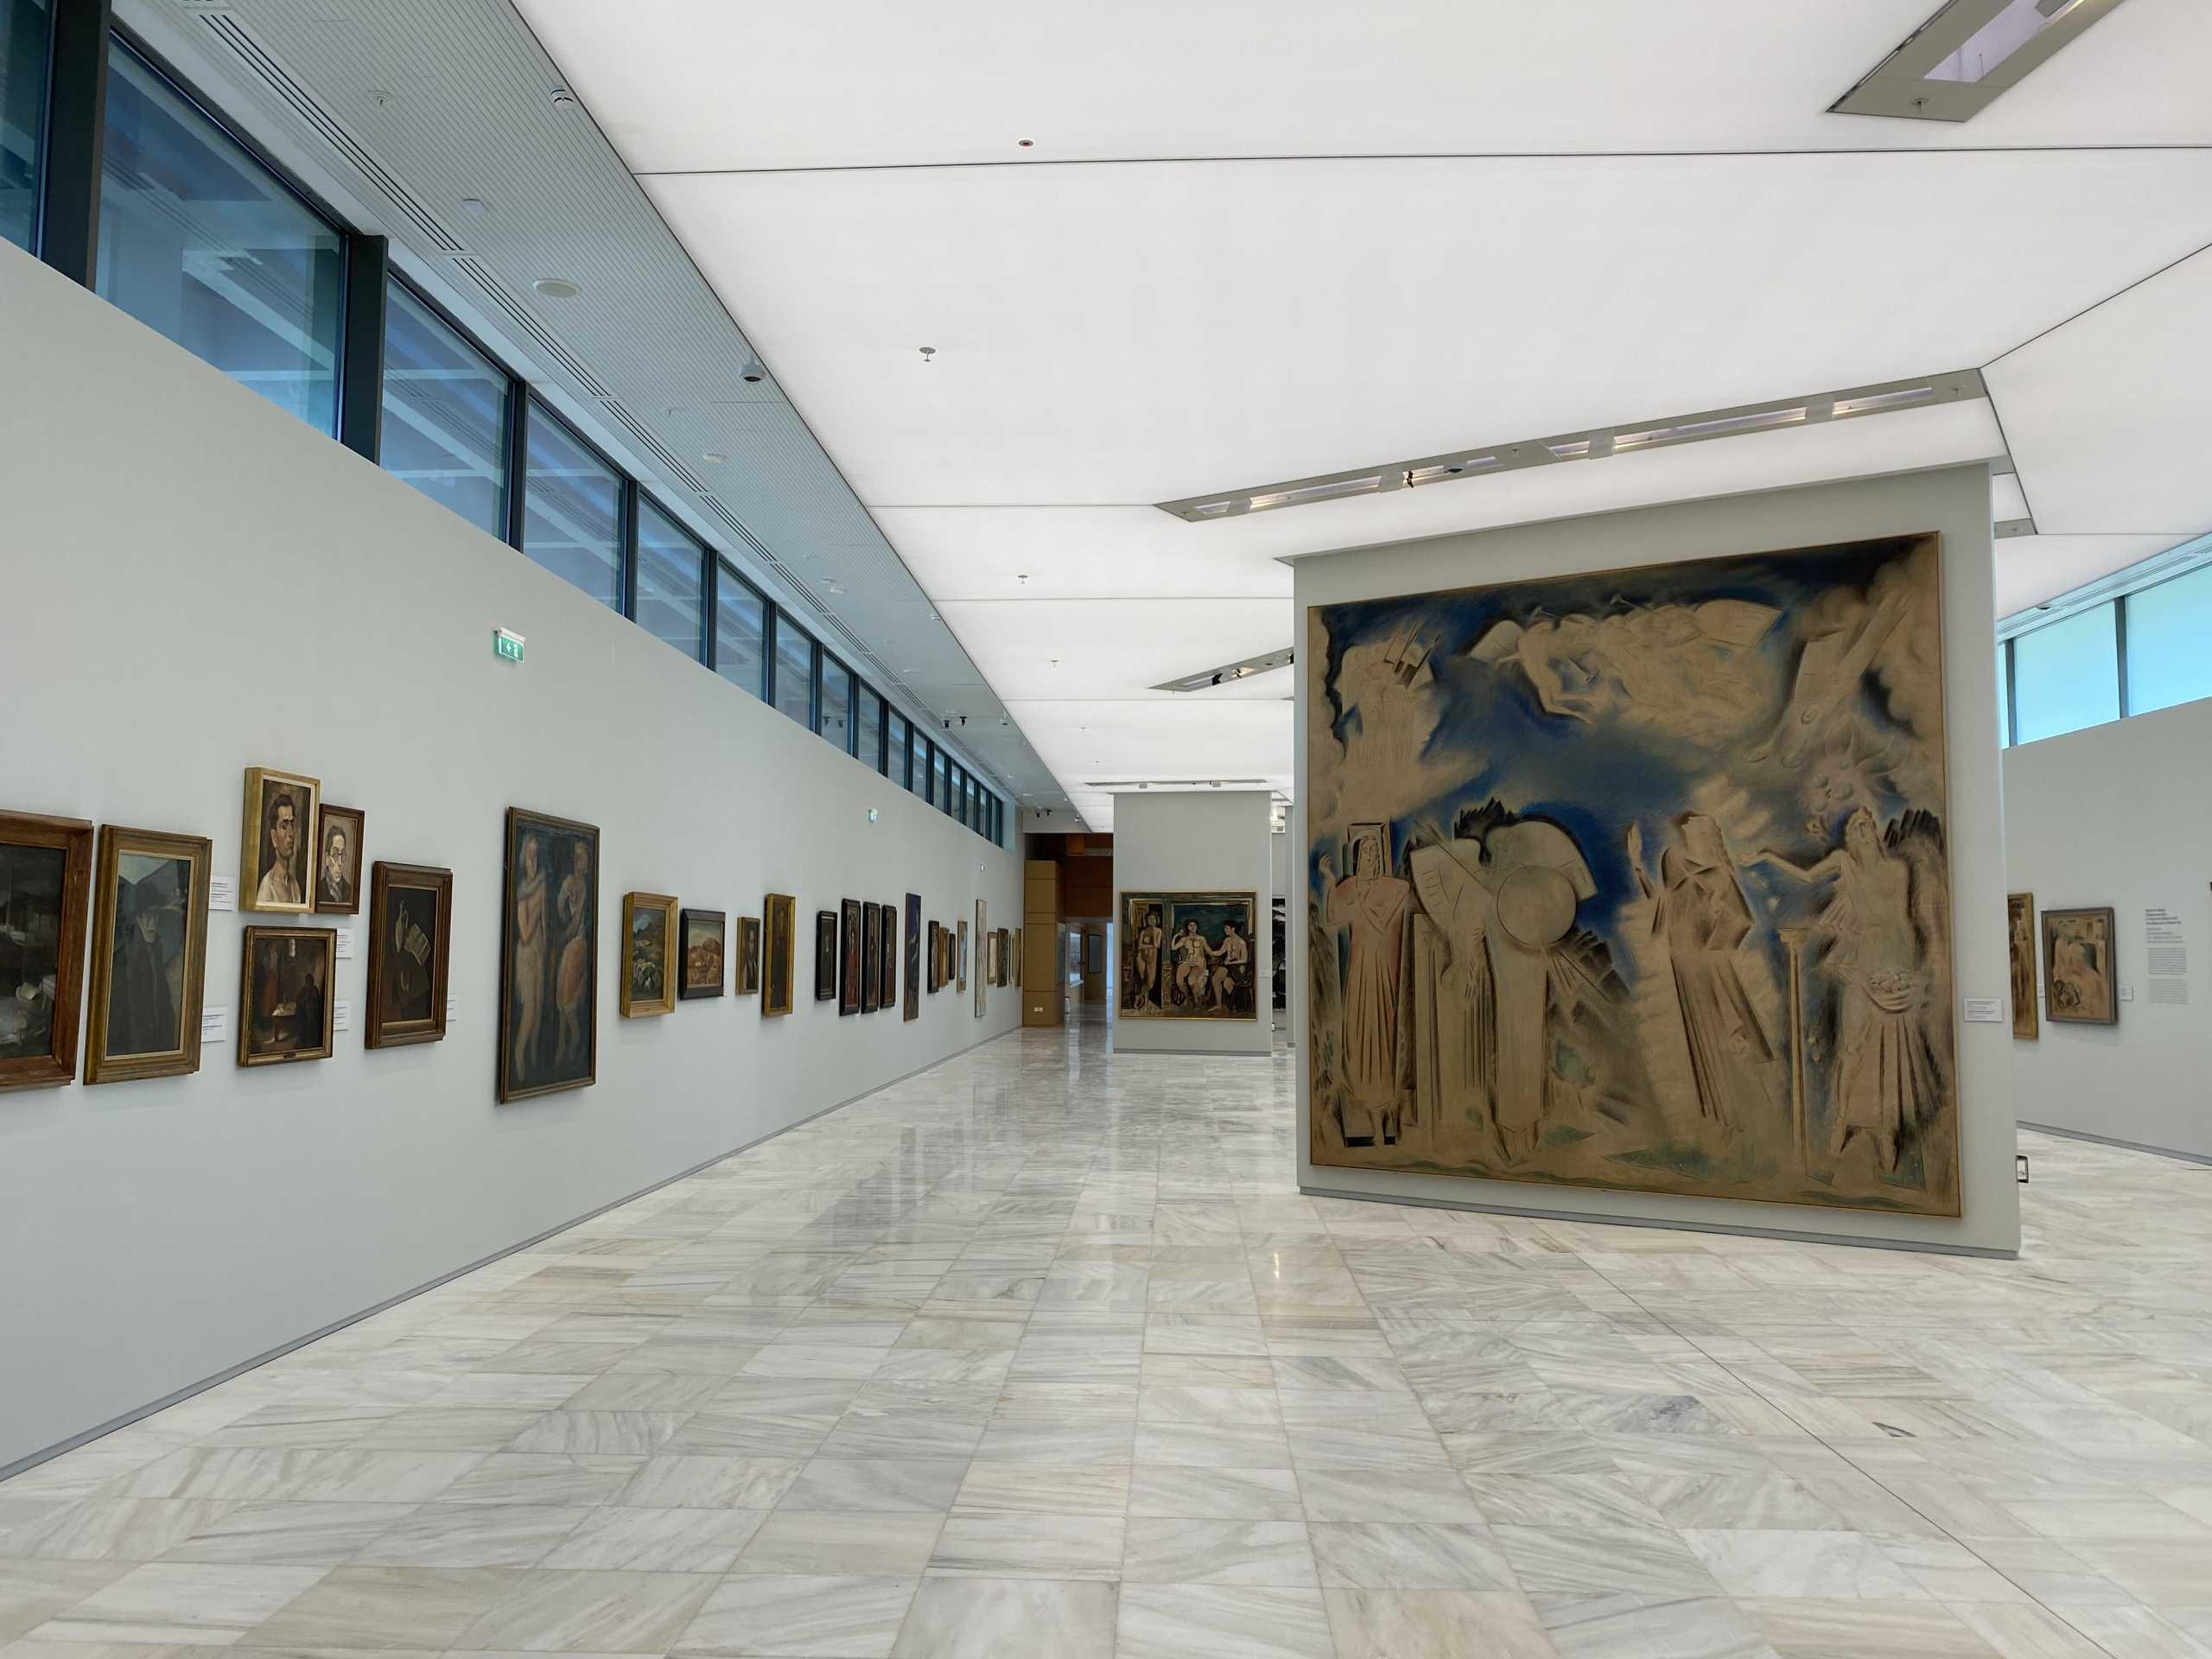 Ανοίγει η Εθνική Πινακοθήκη μαζί με τα μουσεία